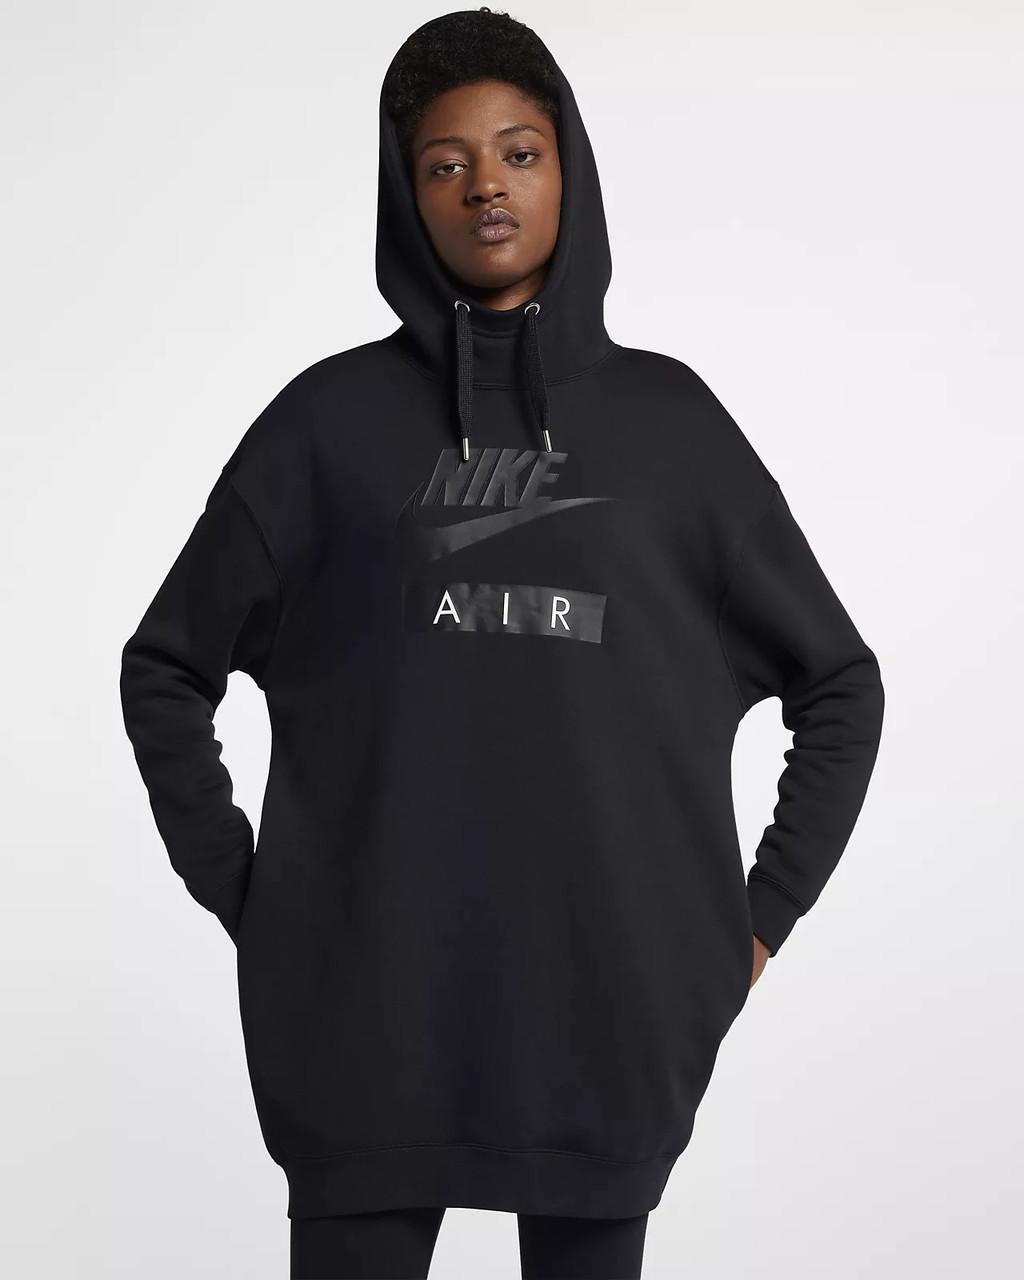 6eb55dbd3ddb Толстовка женская Nike Sportswear Air Dress AH0235-010